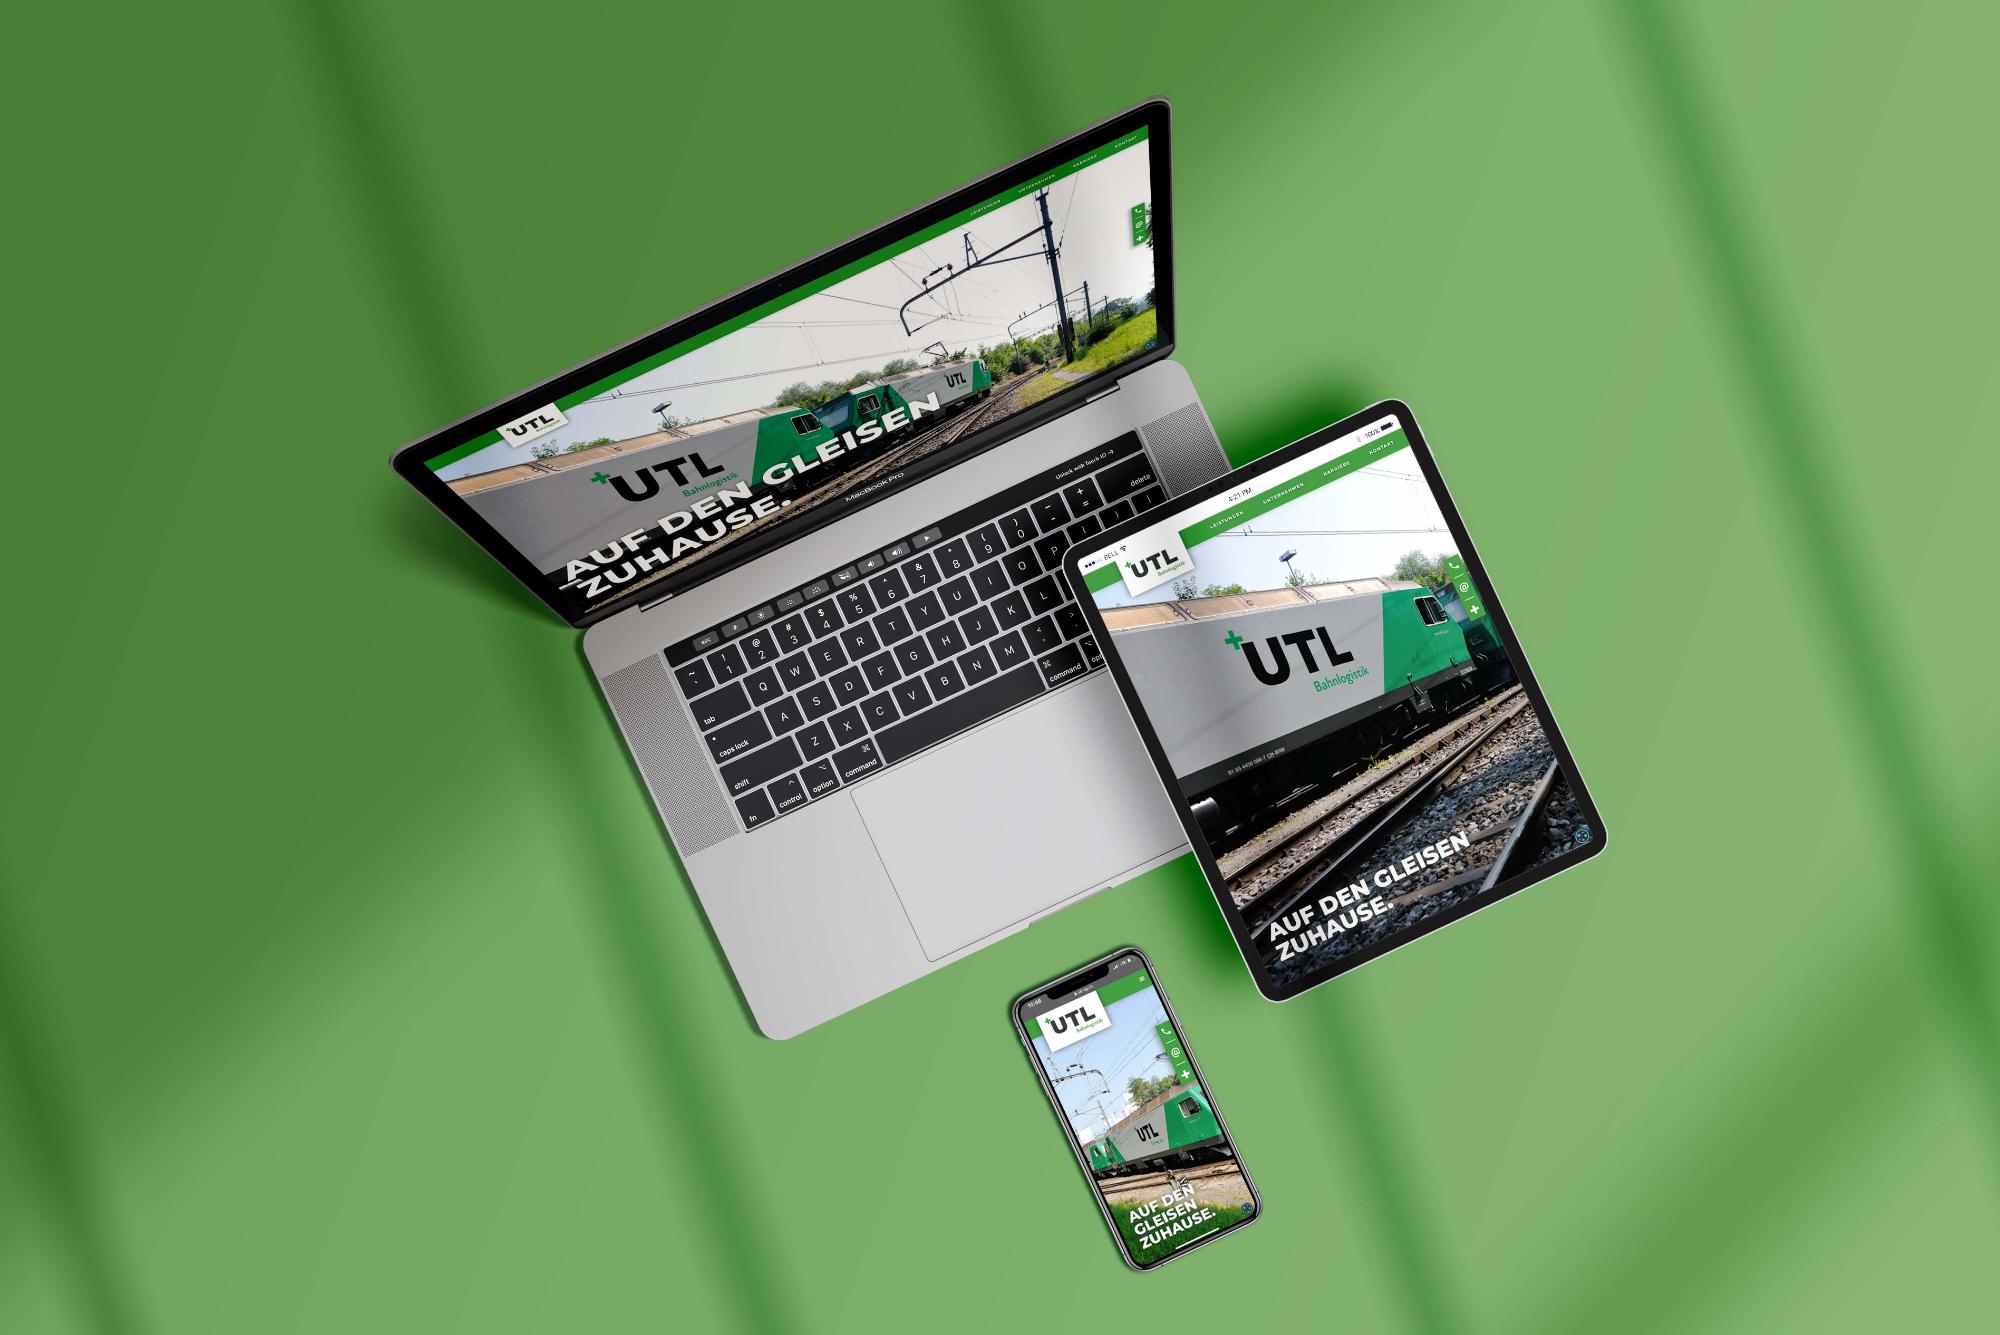 Kunden von UTL Bahnlogistik profitieren von lösungsorientierten Dienstleistungen rund um die Bereiche Bahnpersonal, Baulogistik, Bahnbau, Bahntechnik, Transportlogistik und Zugvorbereitung. Und das seit fast 20 Jahren. Mit umfangreichem Wissen zum Bahnbetrieb, der Infrastruktur und den Anforderungen des Dreiländerecks gewährleistet UTL sicheren und zuverlässigen Transport von Gütern und Personen.